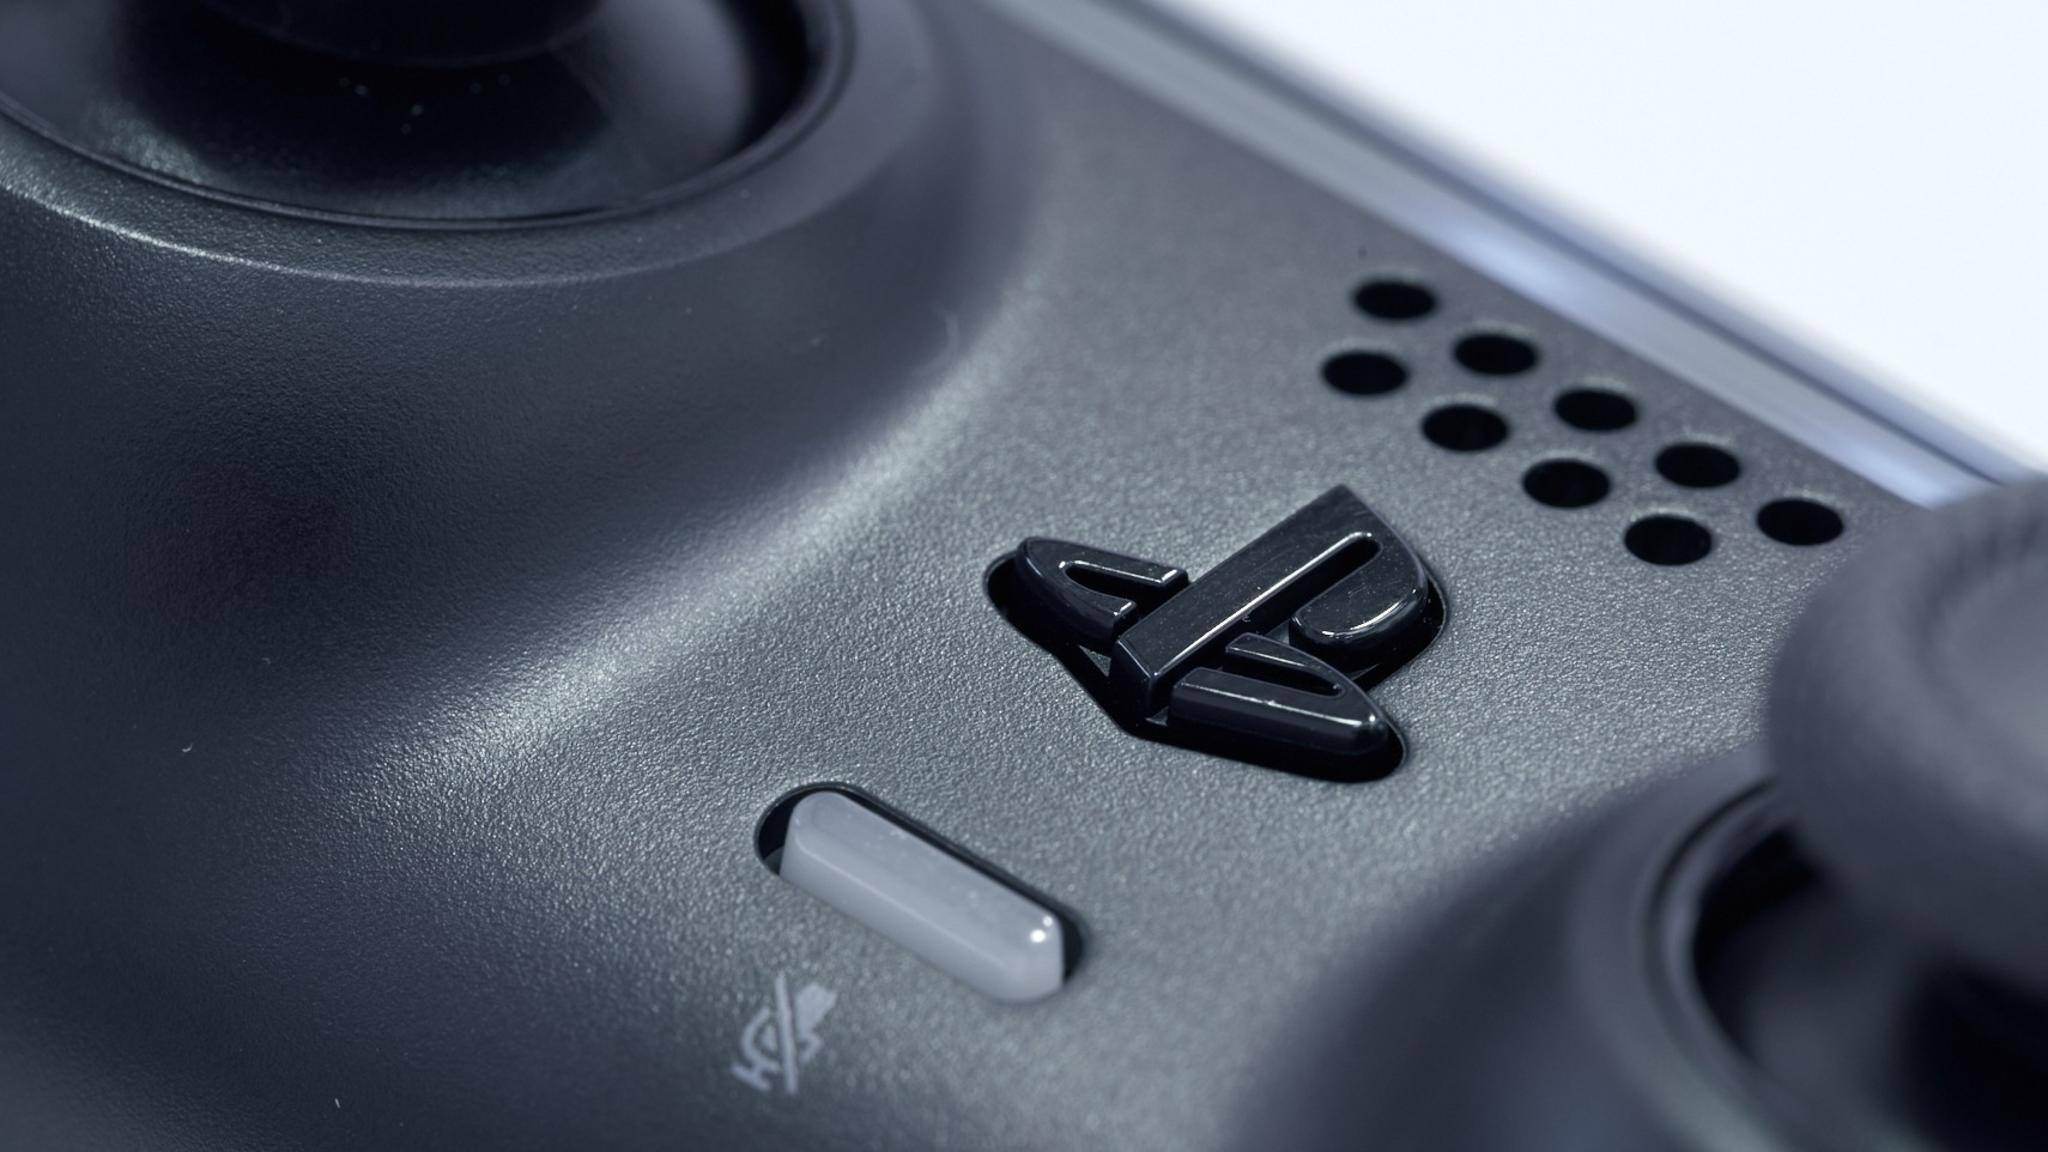 ps5-controller-dualsense-4gamer